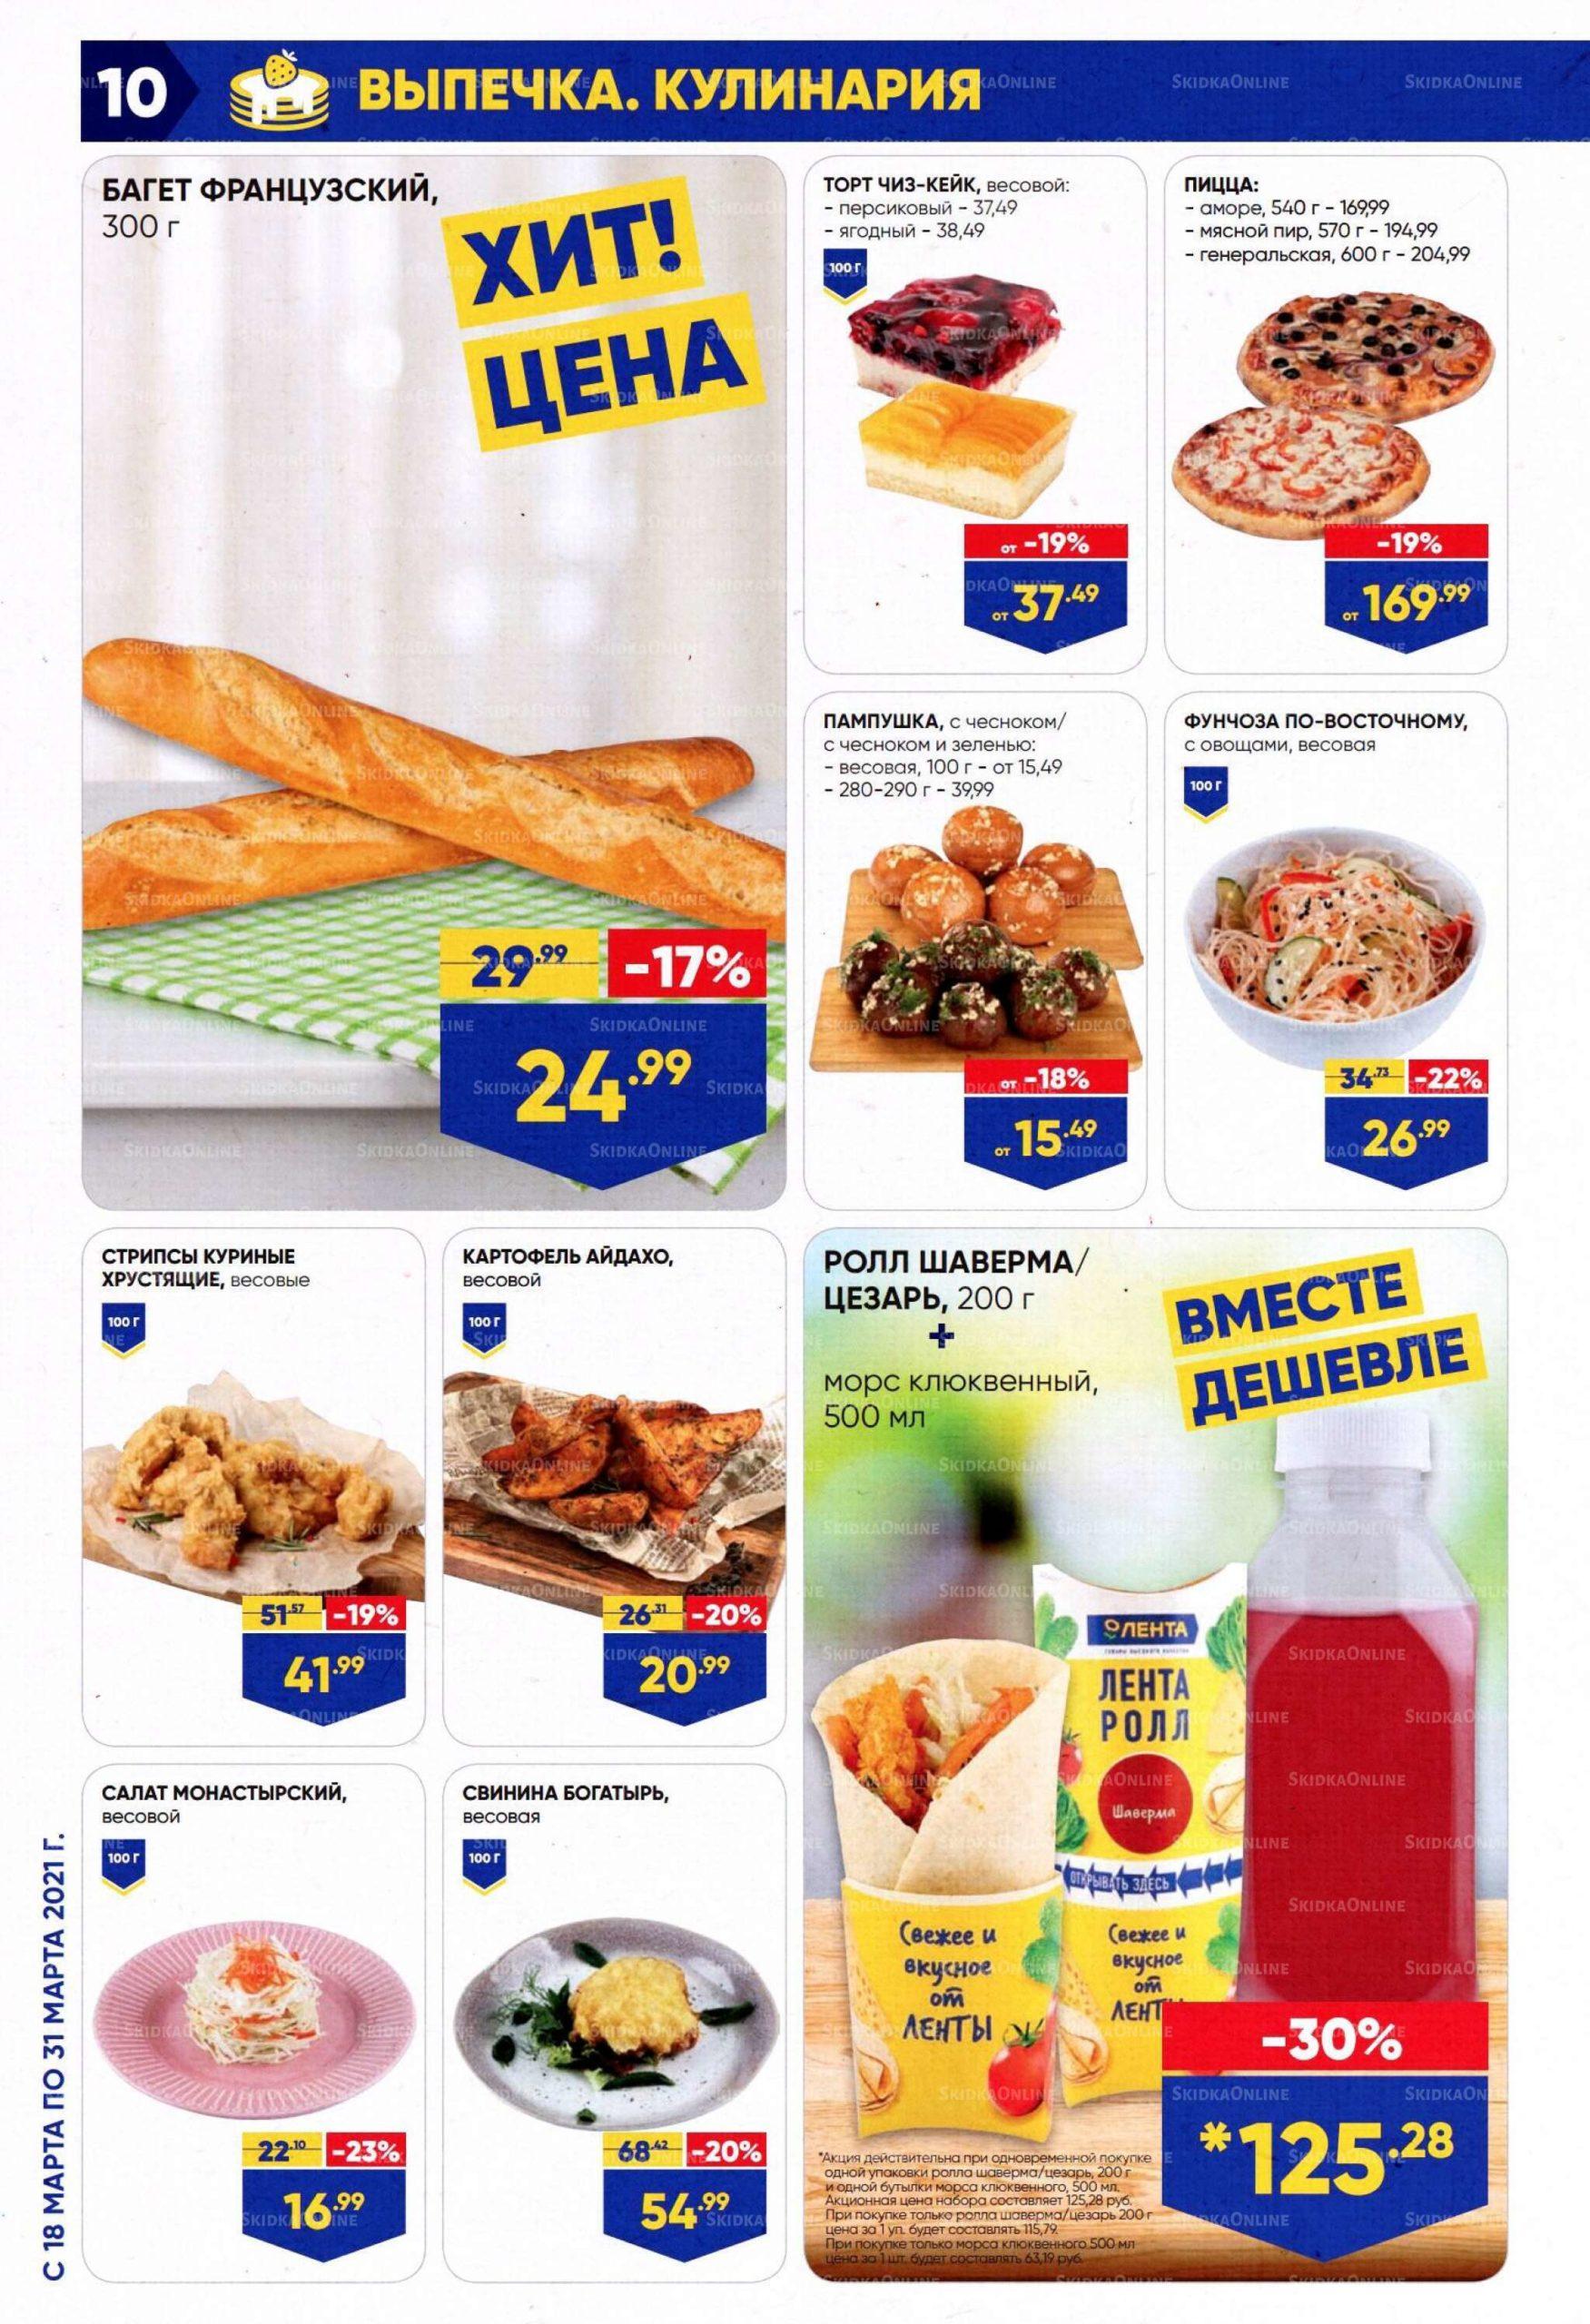 Акции в Ленте с 18 по 31 марта 2021 года